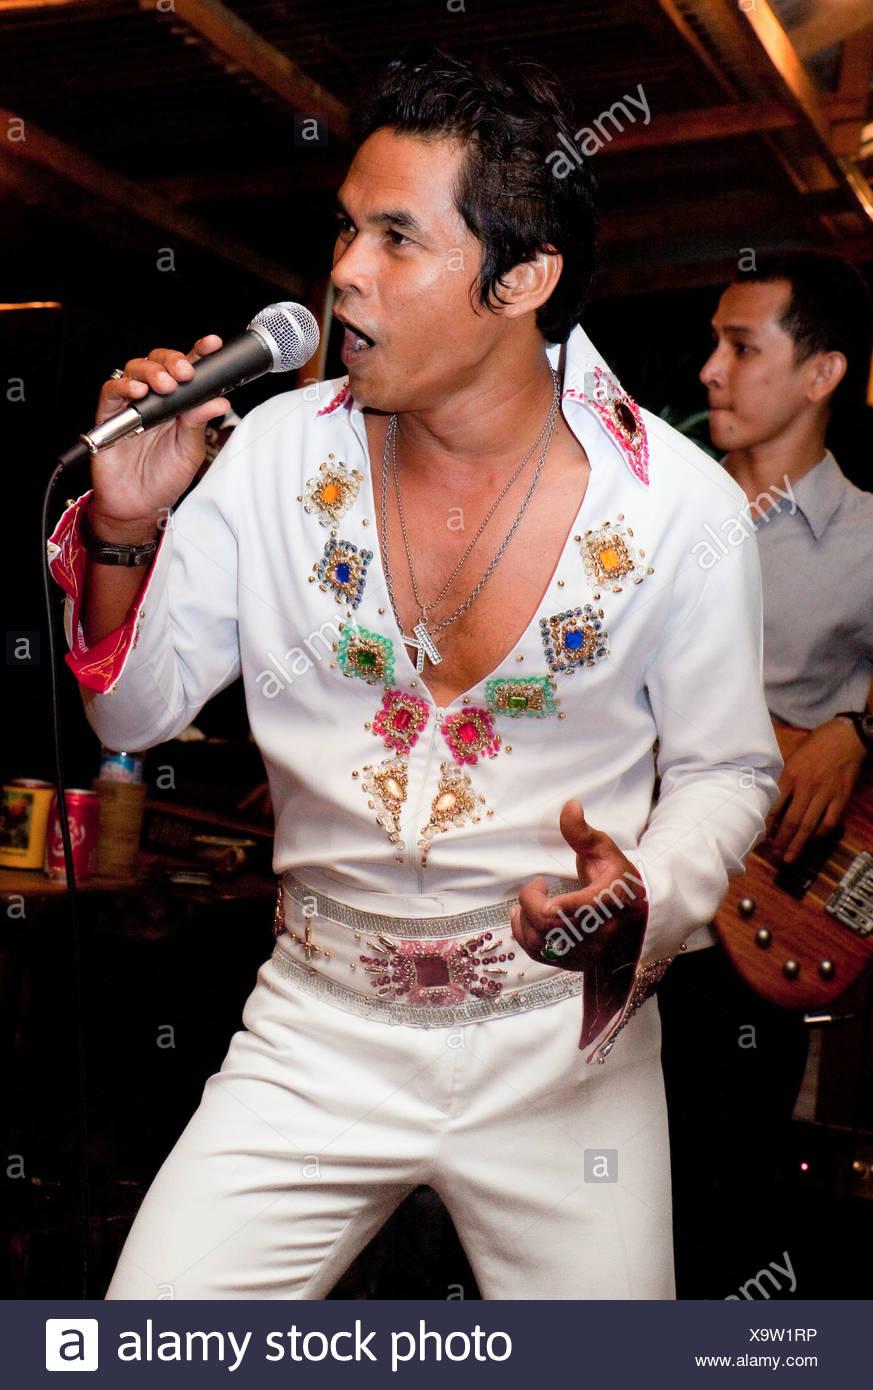 Imitateur d'Elvis sur une partie du sud de l'île de Phuket en Thaïlande Asie du sud-est Photo Stock